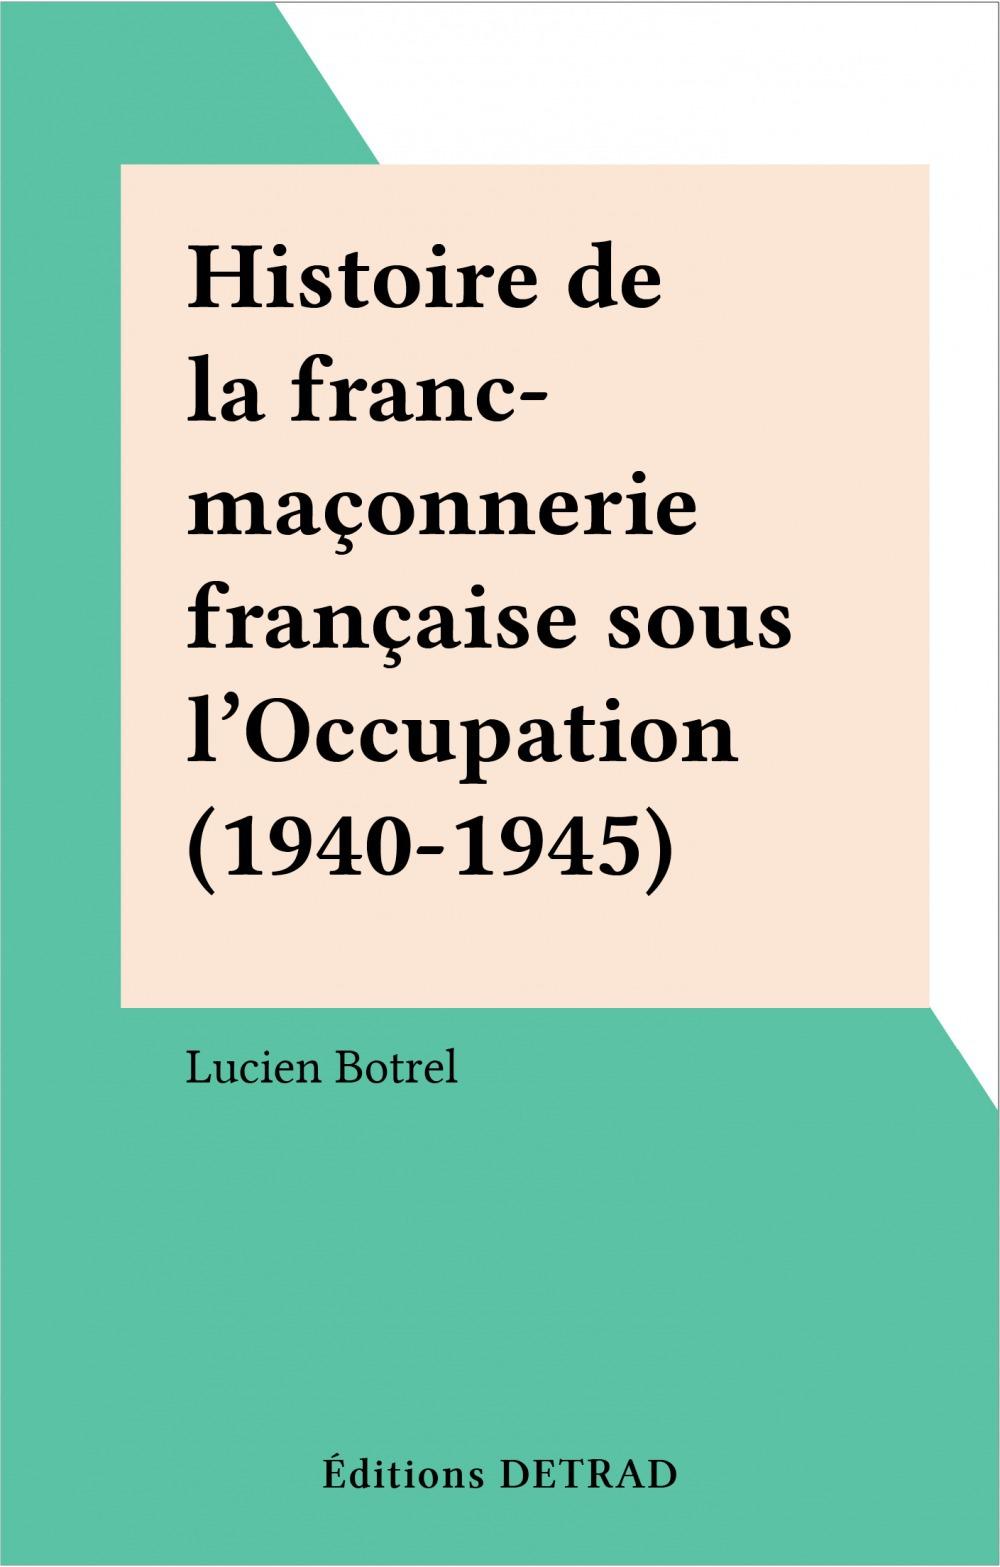 Histoire de la franc-maçonnerie française sous l'Occupation (1940-1945)